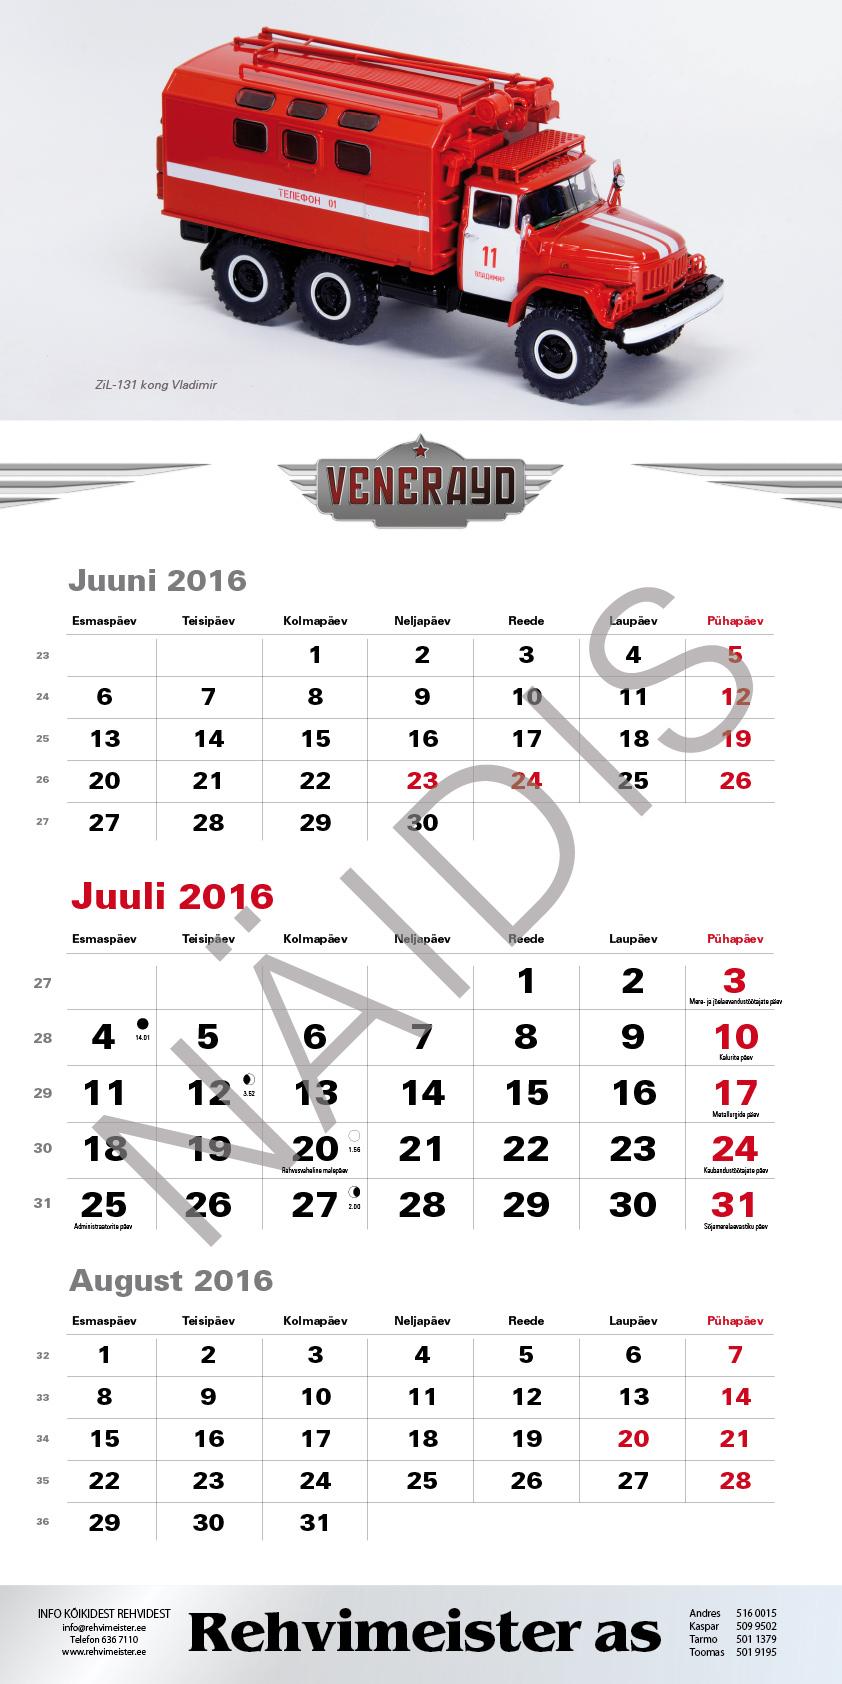 Veneraud_kalender_2016_8